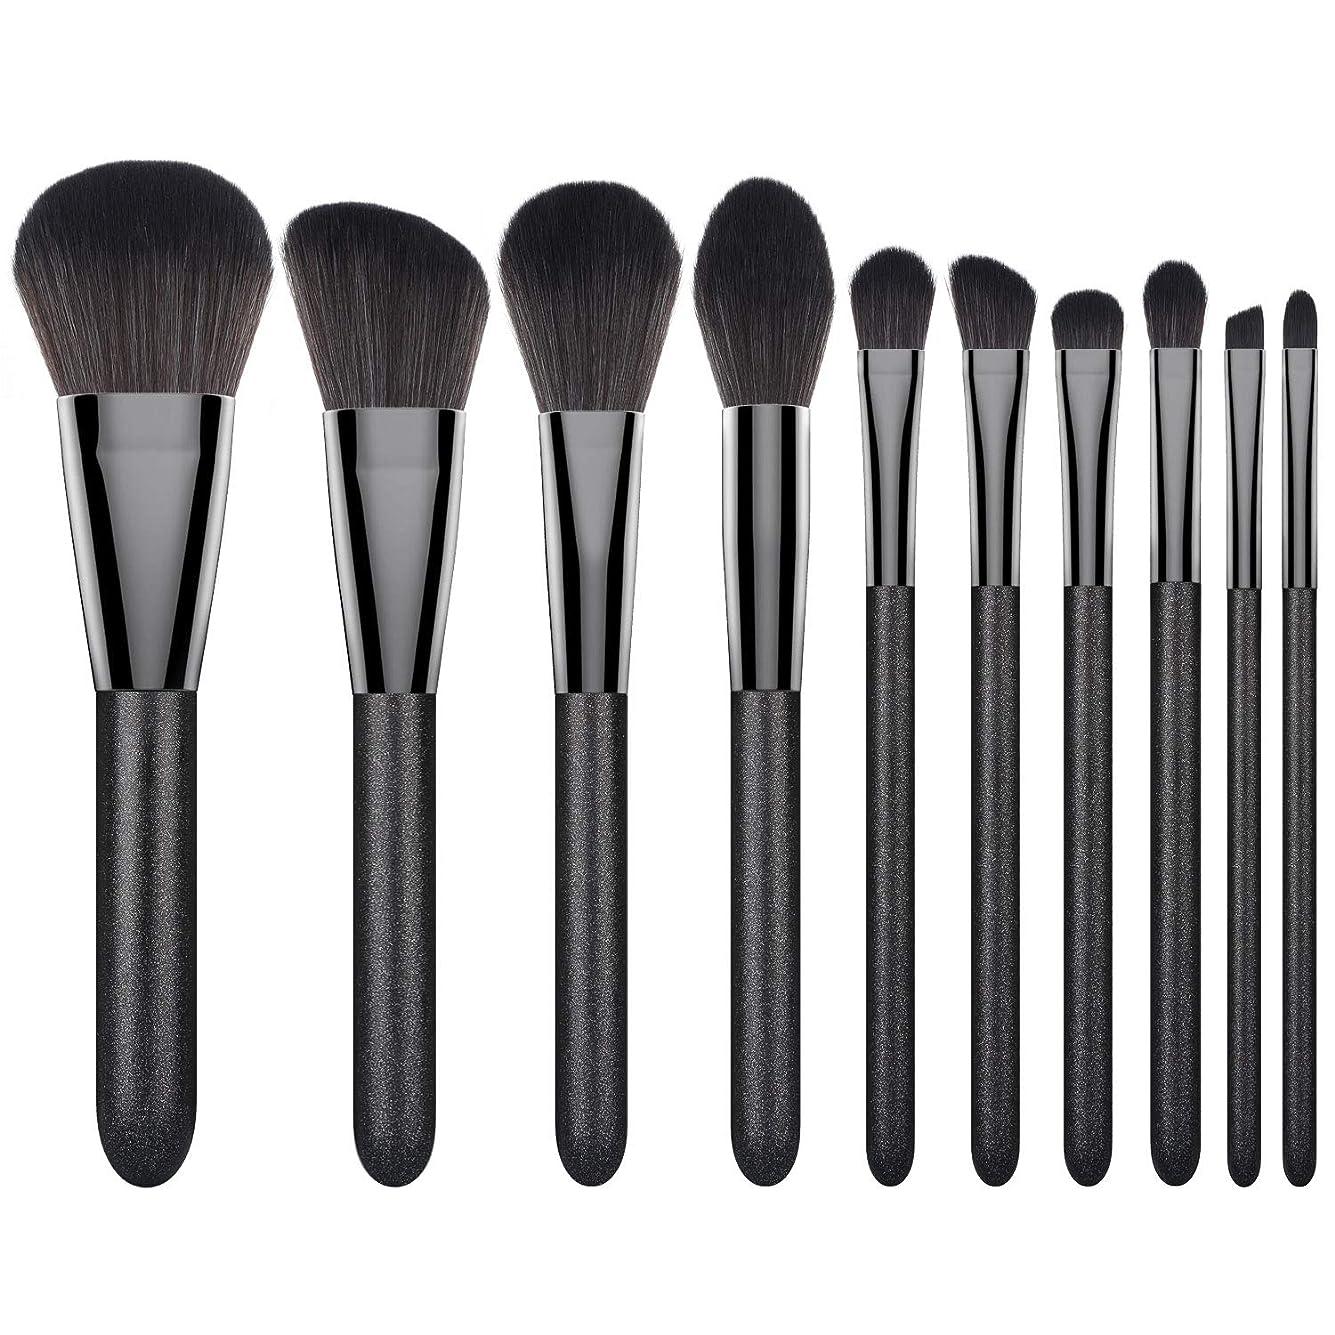 高潔なすき速度Luxspire メイクブラシ 10本セット 高級繊維毛アイブラシセット 柔らかい化粧筆 フェイスブラシ 化粧ブラシセット メイク筆 黒い星空 Black